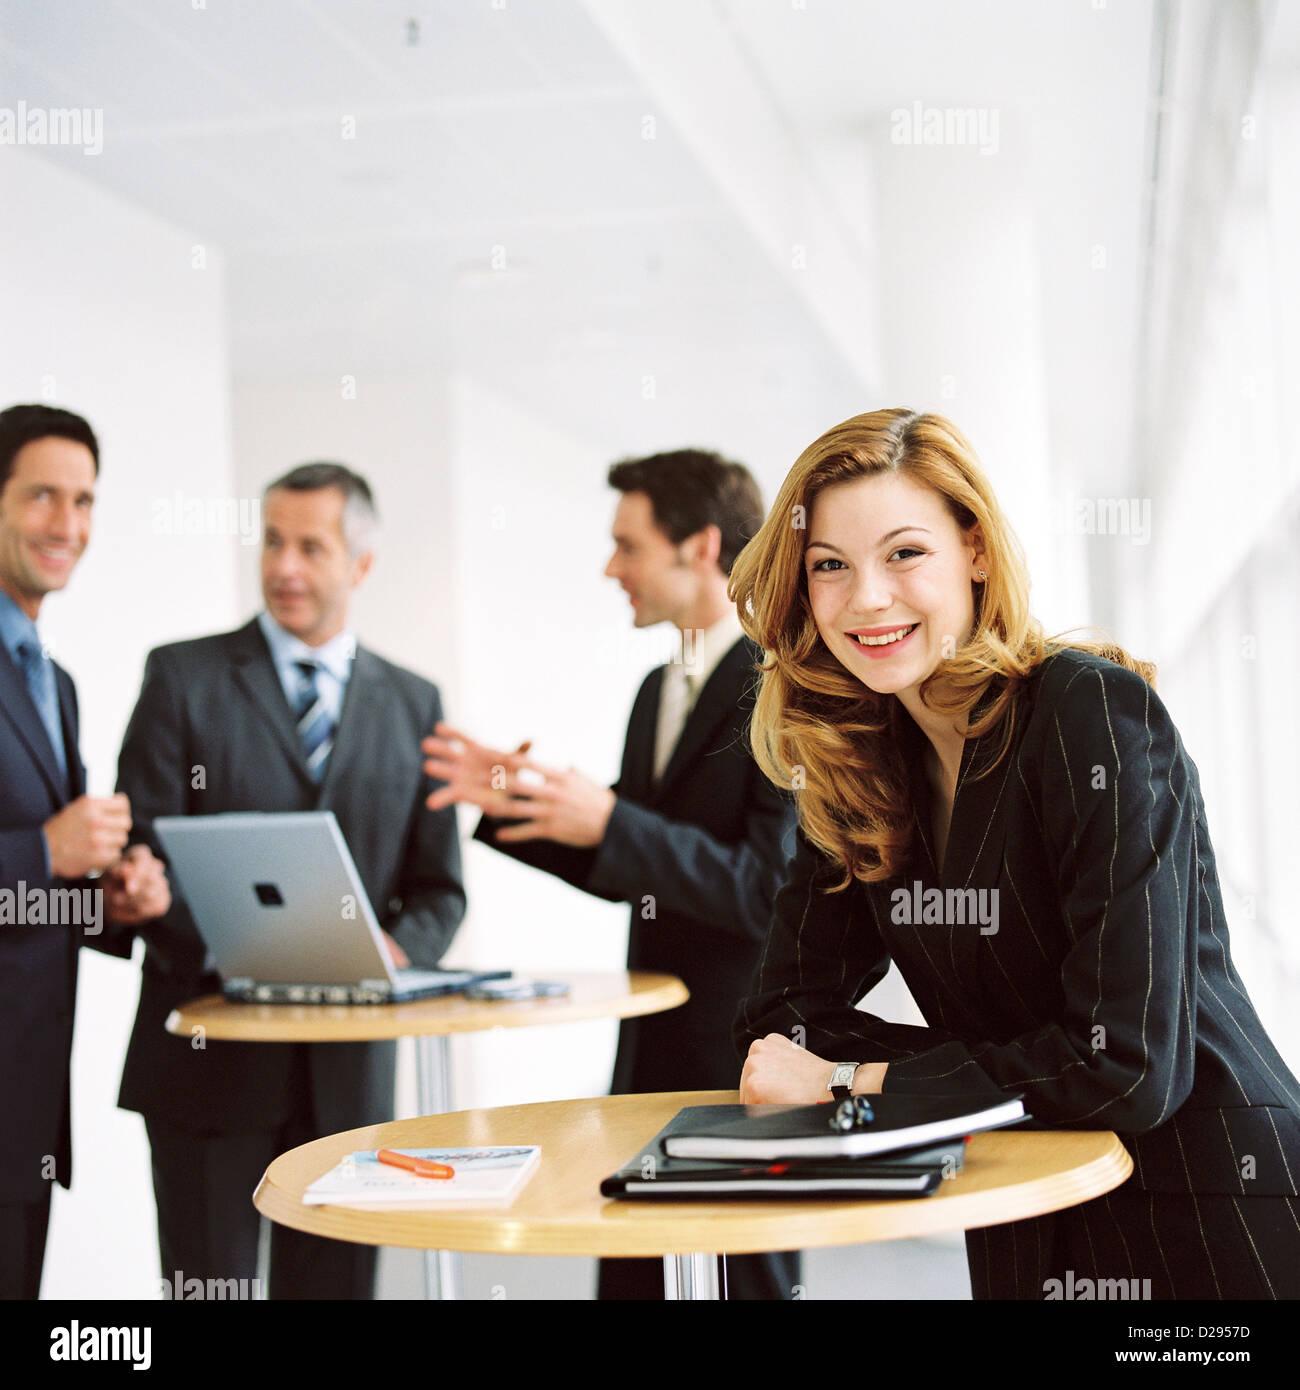 Business-Leute Mann Frau lizenzfrei außer anzeigen und Reklametafeln Stockbild